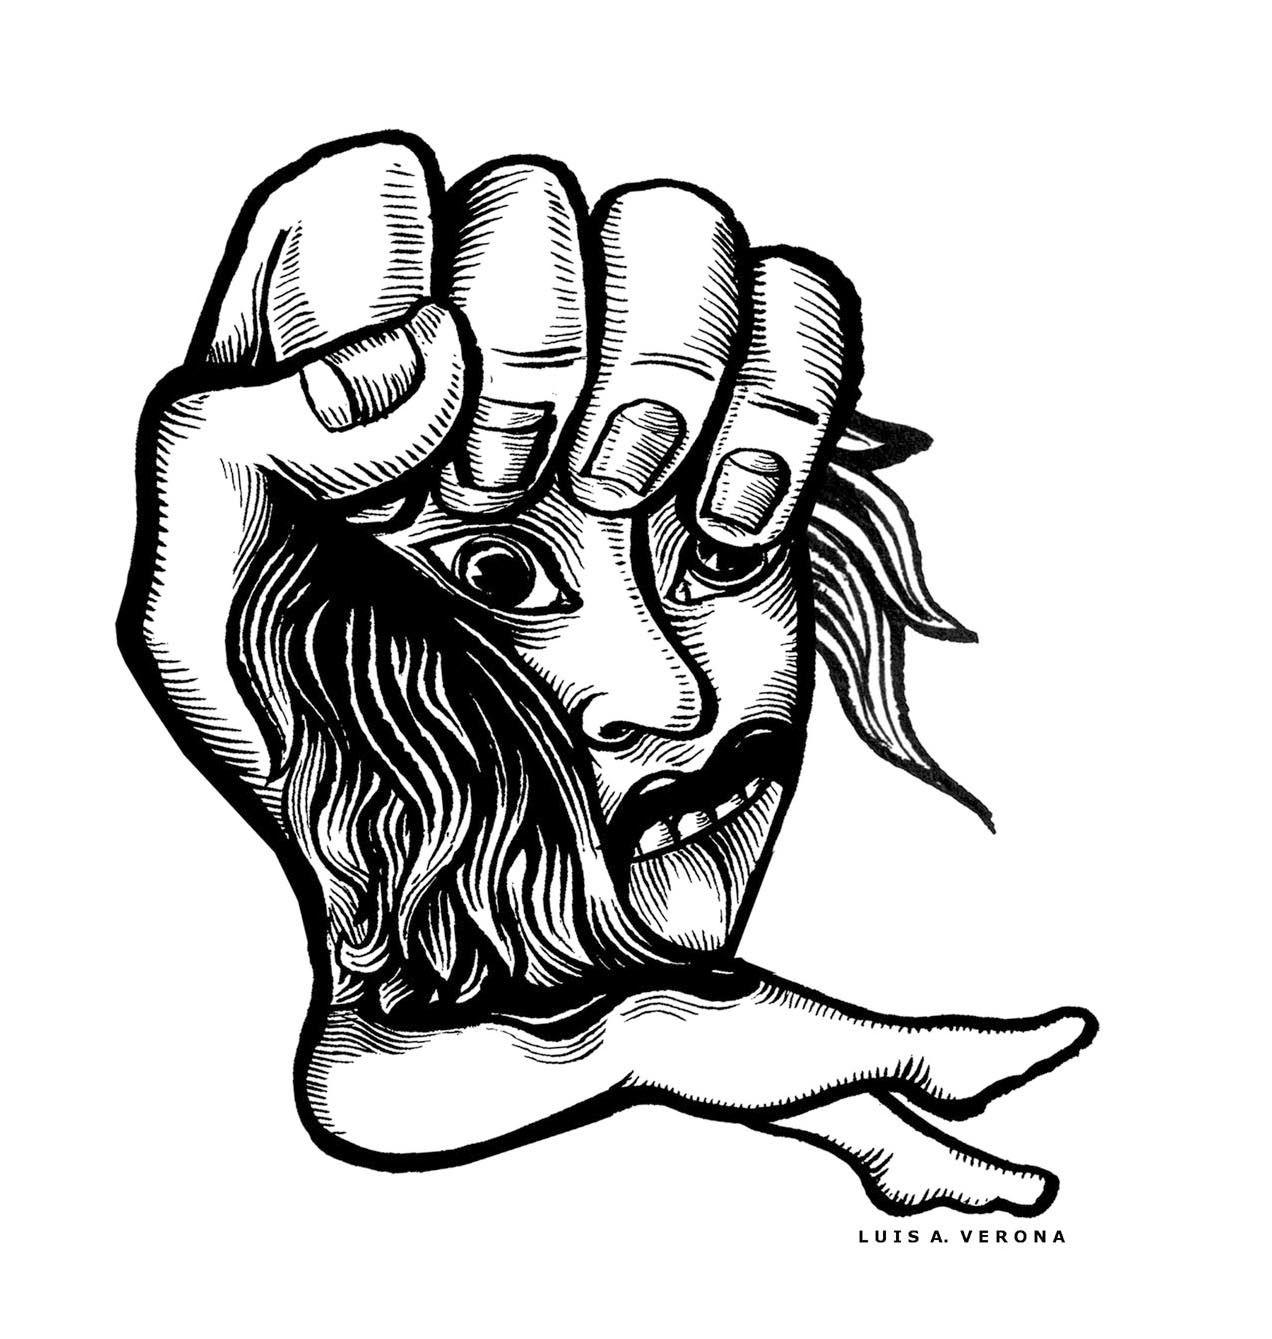 Ilustración Chachi Verona.